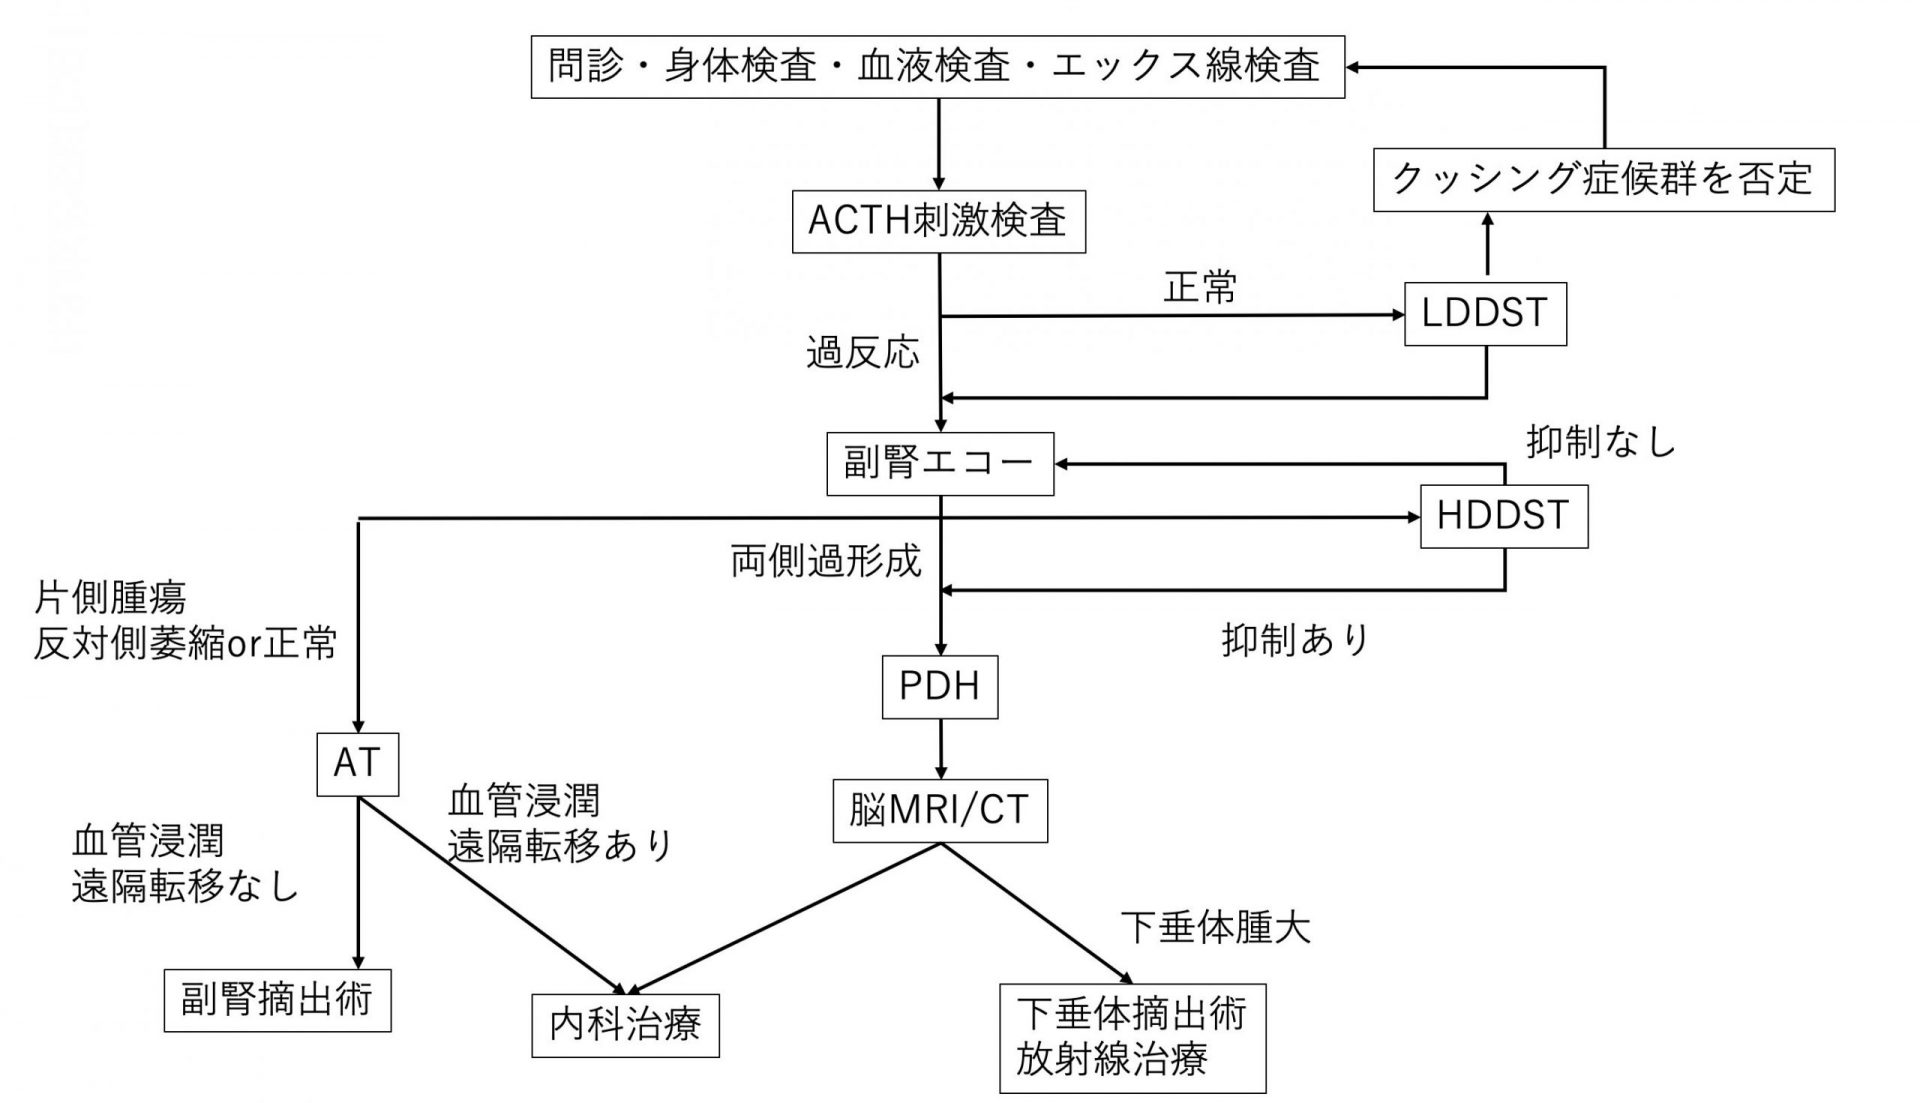 クッシング検査チャート